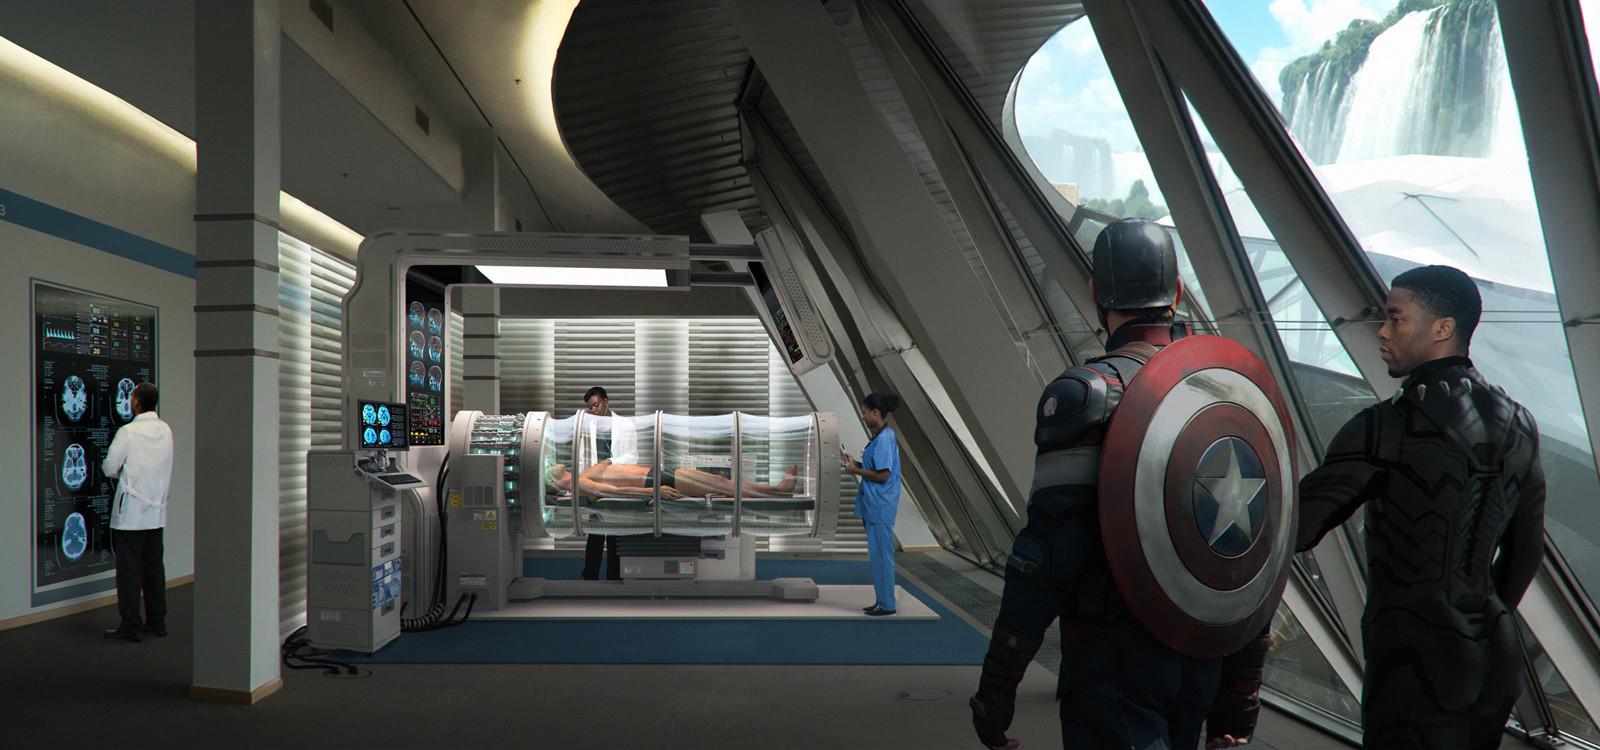 Captain America : Civil War - Wakanda Medical